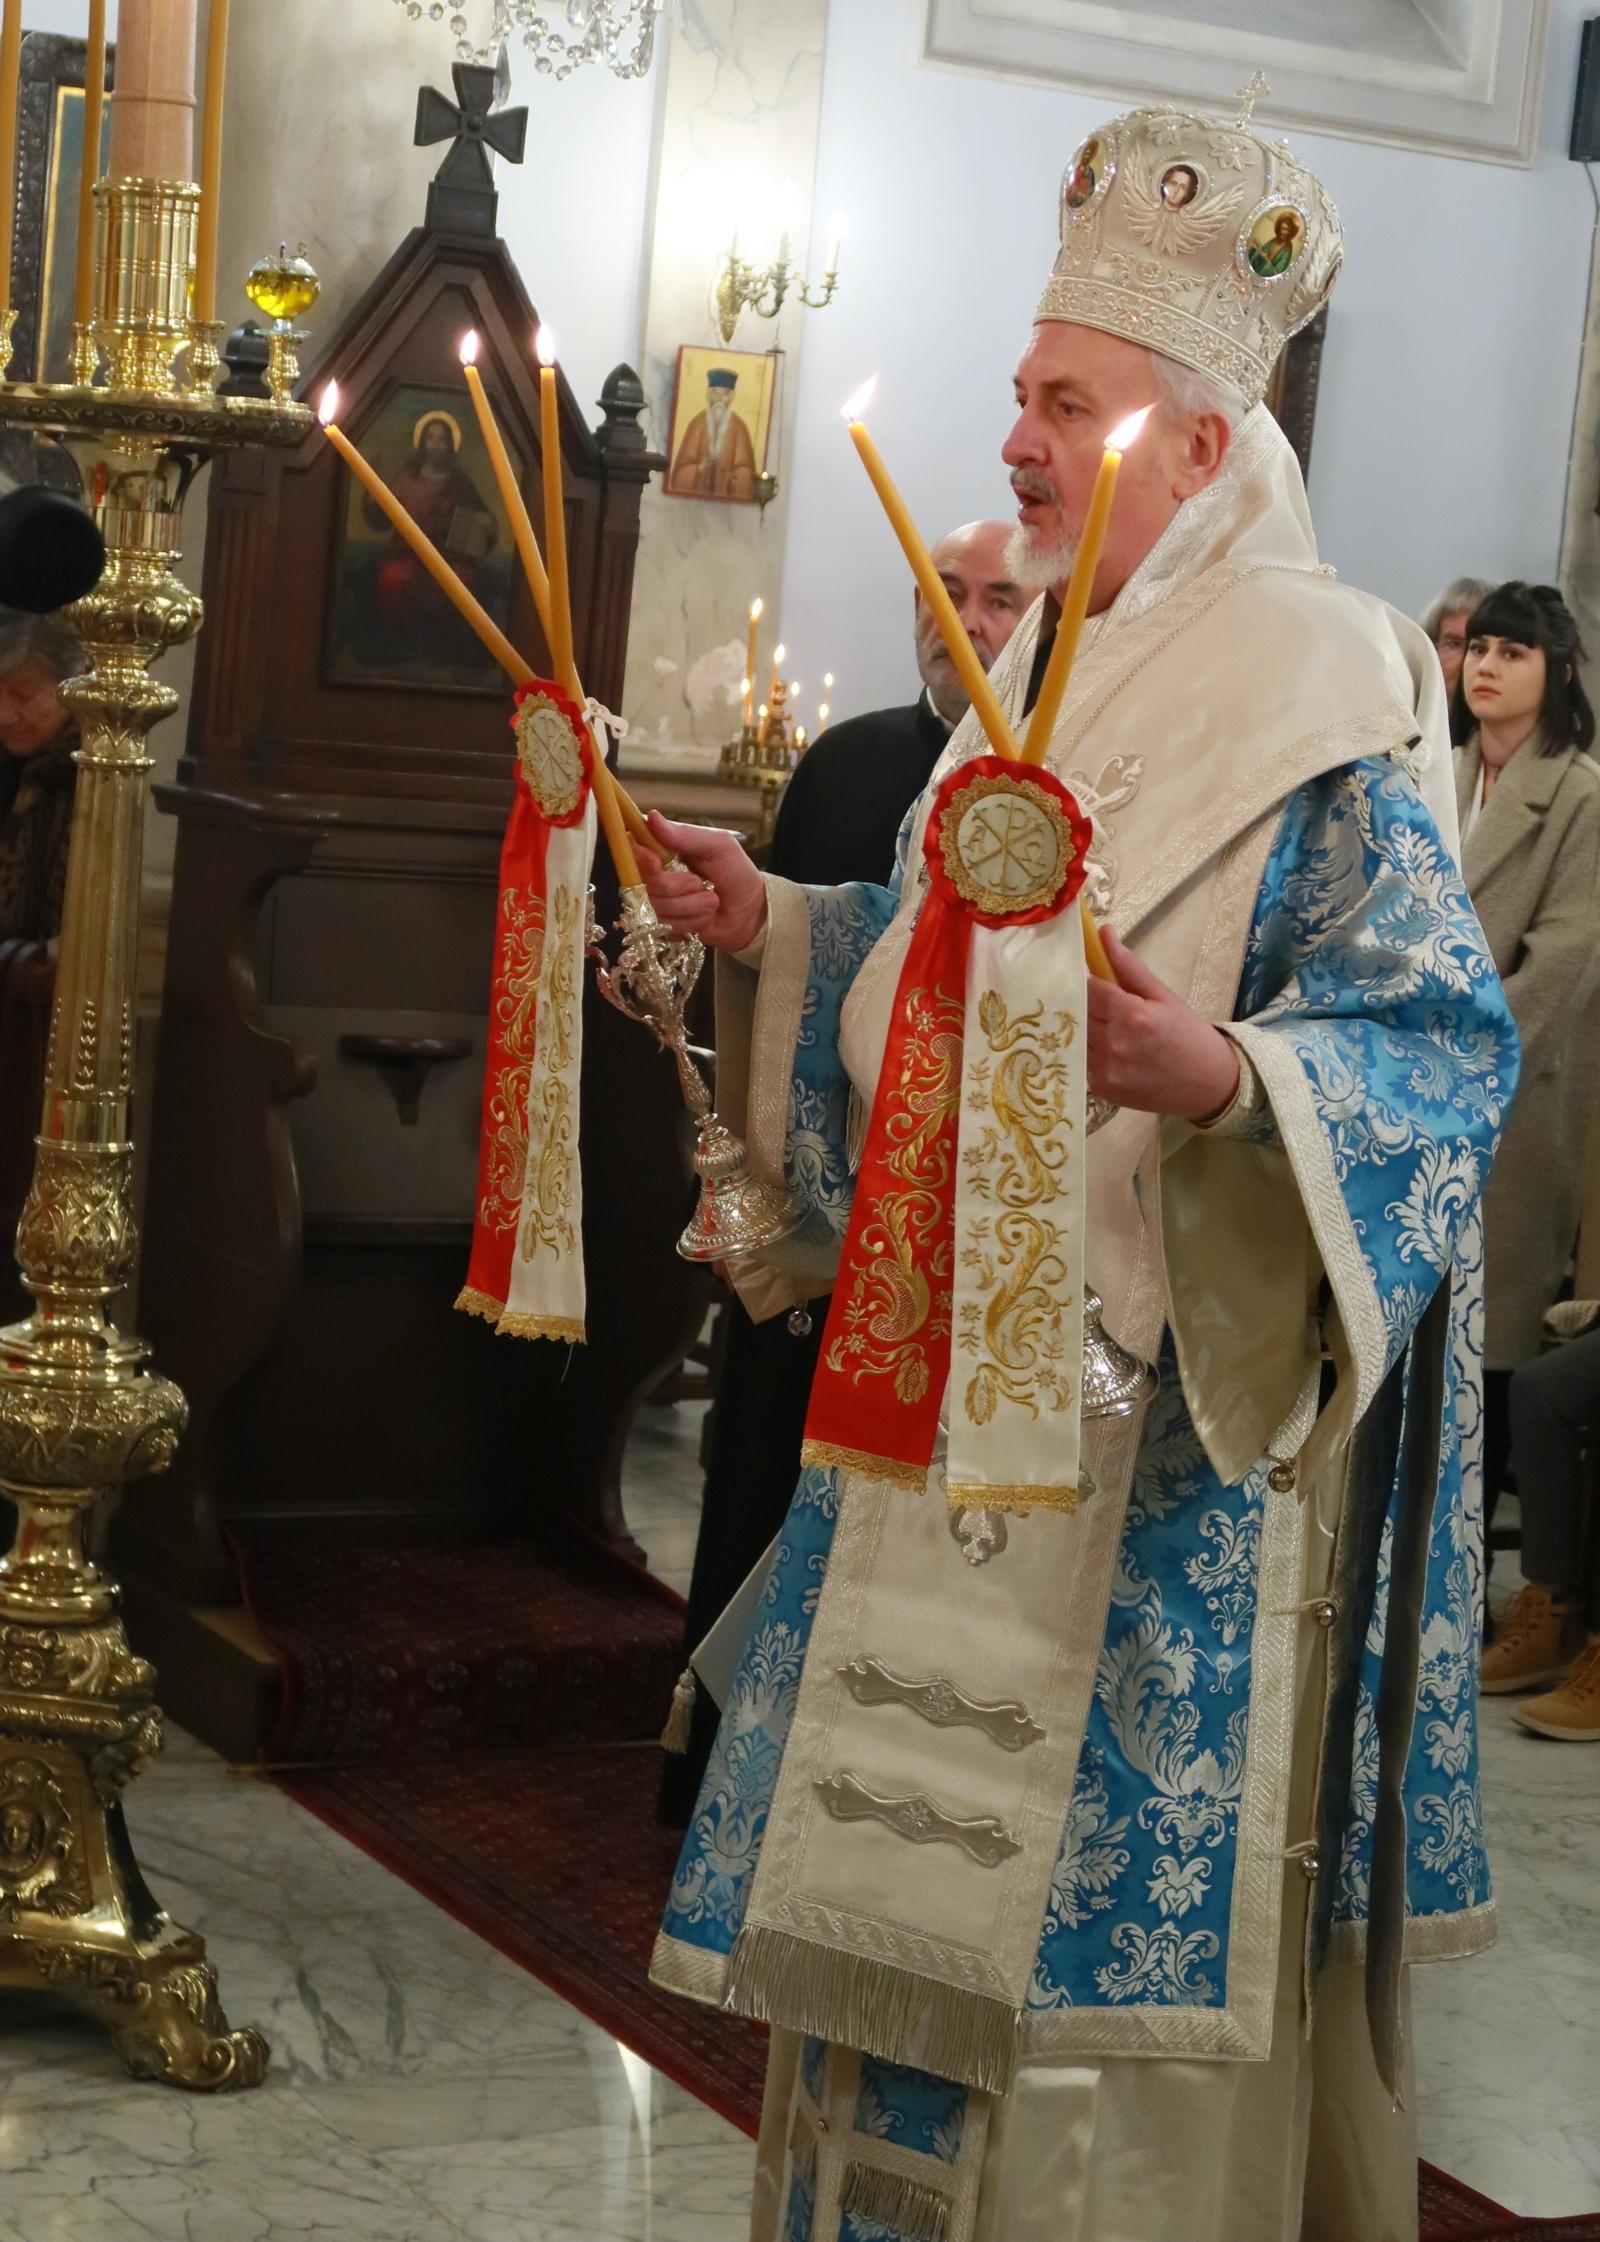 IMG 3580 - Η κατάδυση του Τιμίου Σταυρού στη Μασσαλία (φωτο)